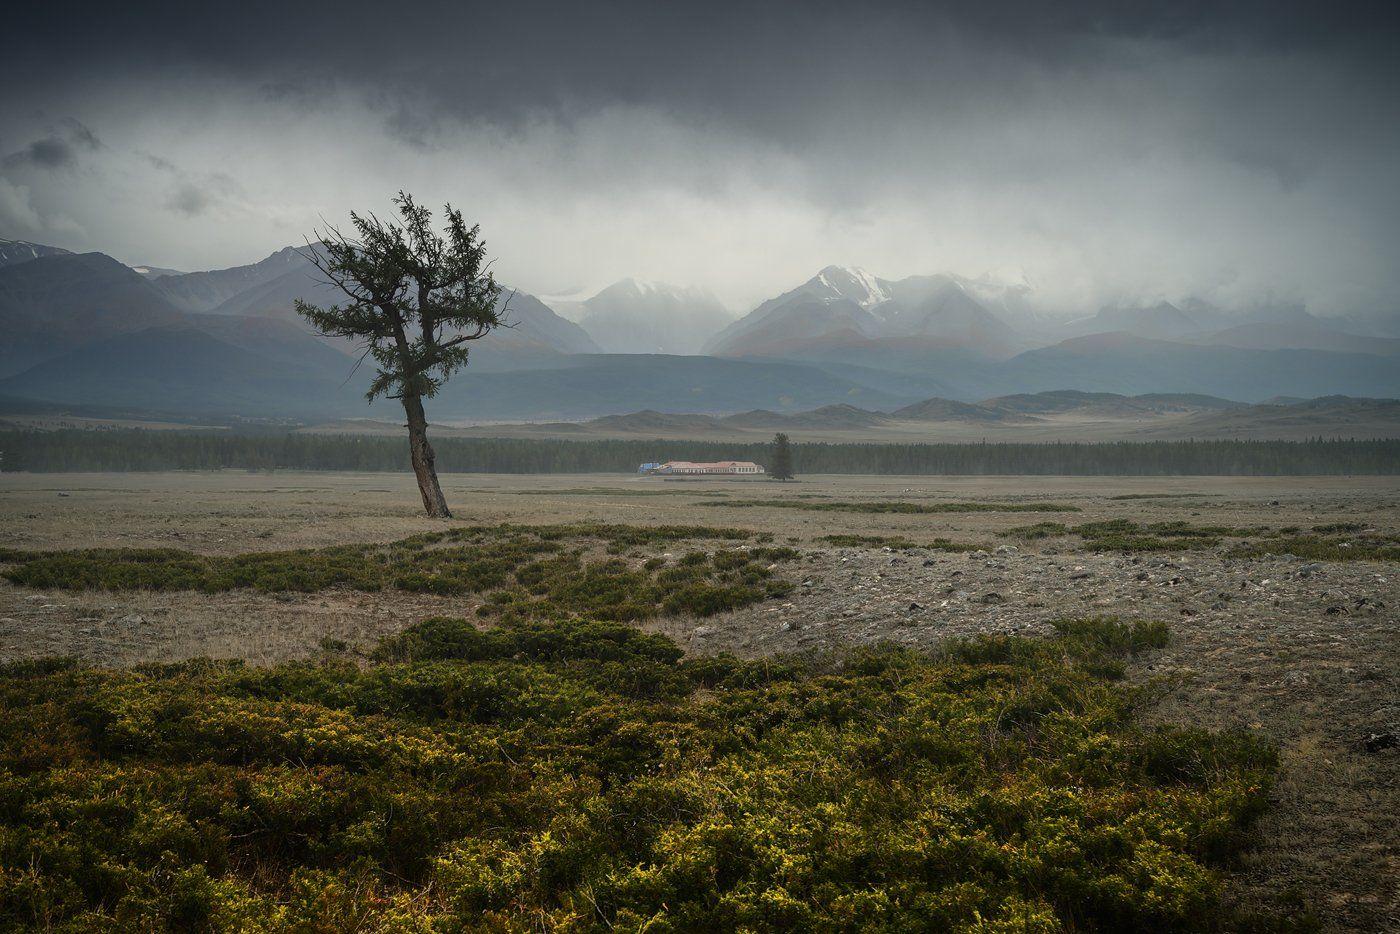 пейзаж, природа, горы, степь, долина, дерево, непогода, туман, облака, хребет, вершины, большой, высокий, красивая, алтай, сибирь, Дмитрий Антипов